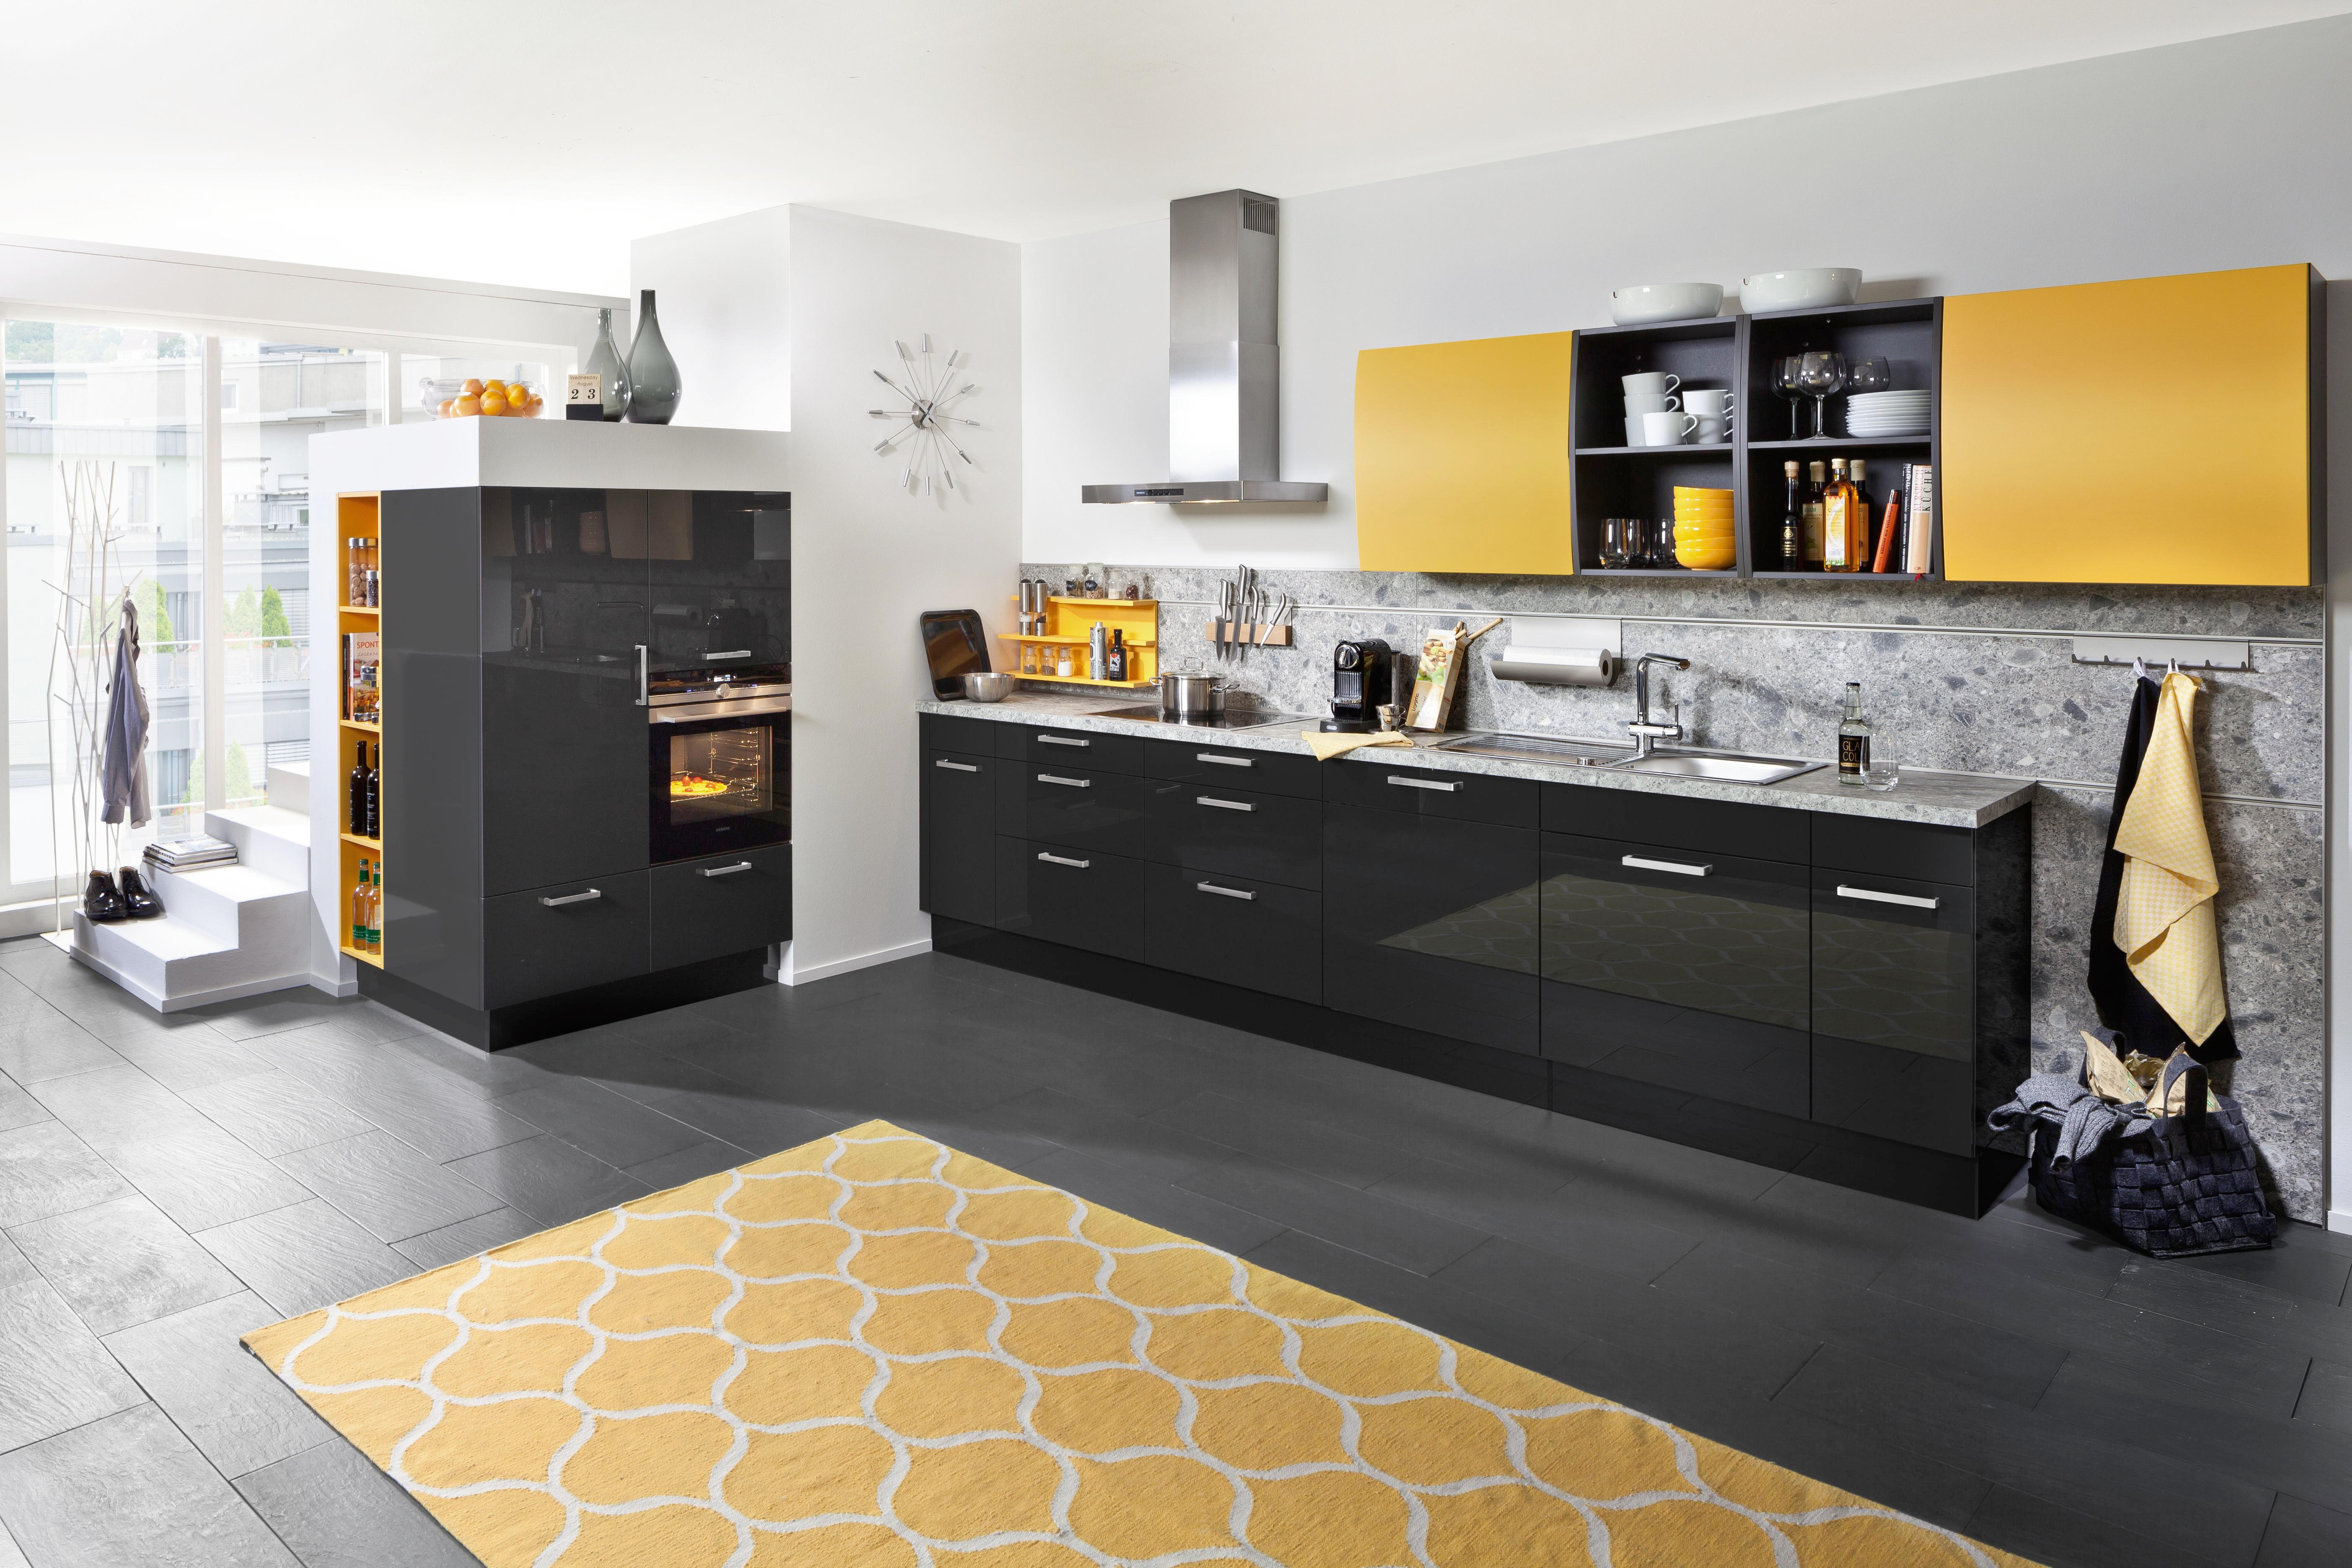 Schön Küche Renovieren Budgetplaner Bilder - Küche Set Ideen ...